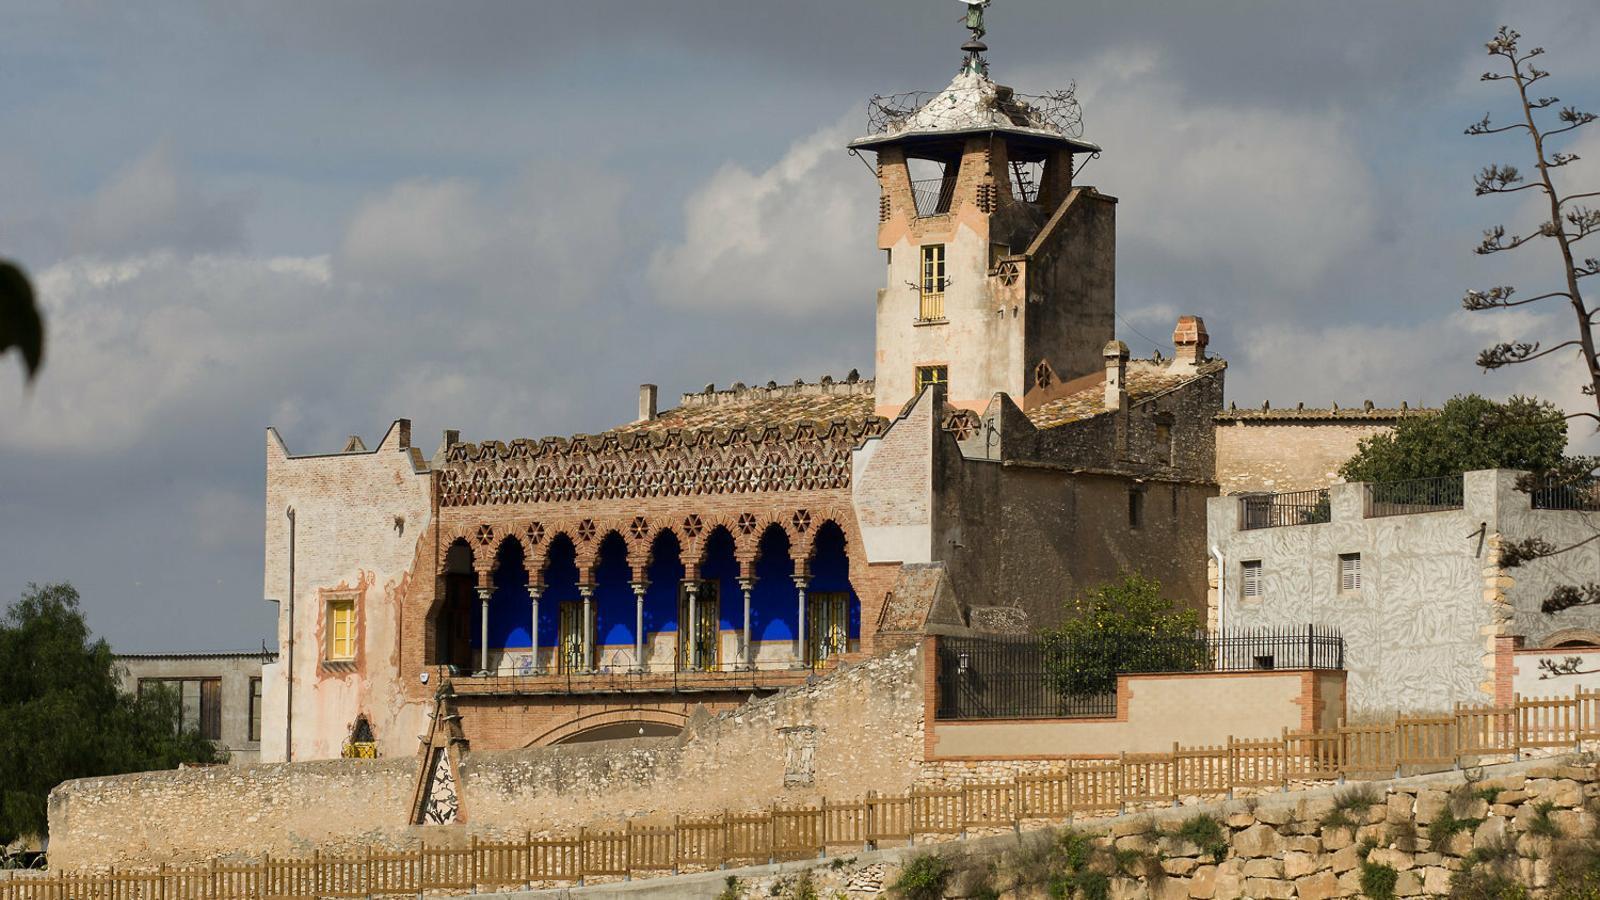 01. La Casa Bofarull, de Josep Maria Jujol. 02. Senyal de Territori Jujol de l'església de Sant Salvador del Vendrell.